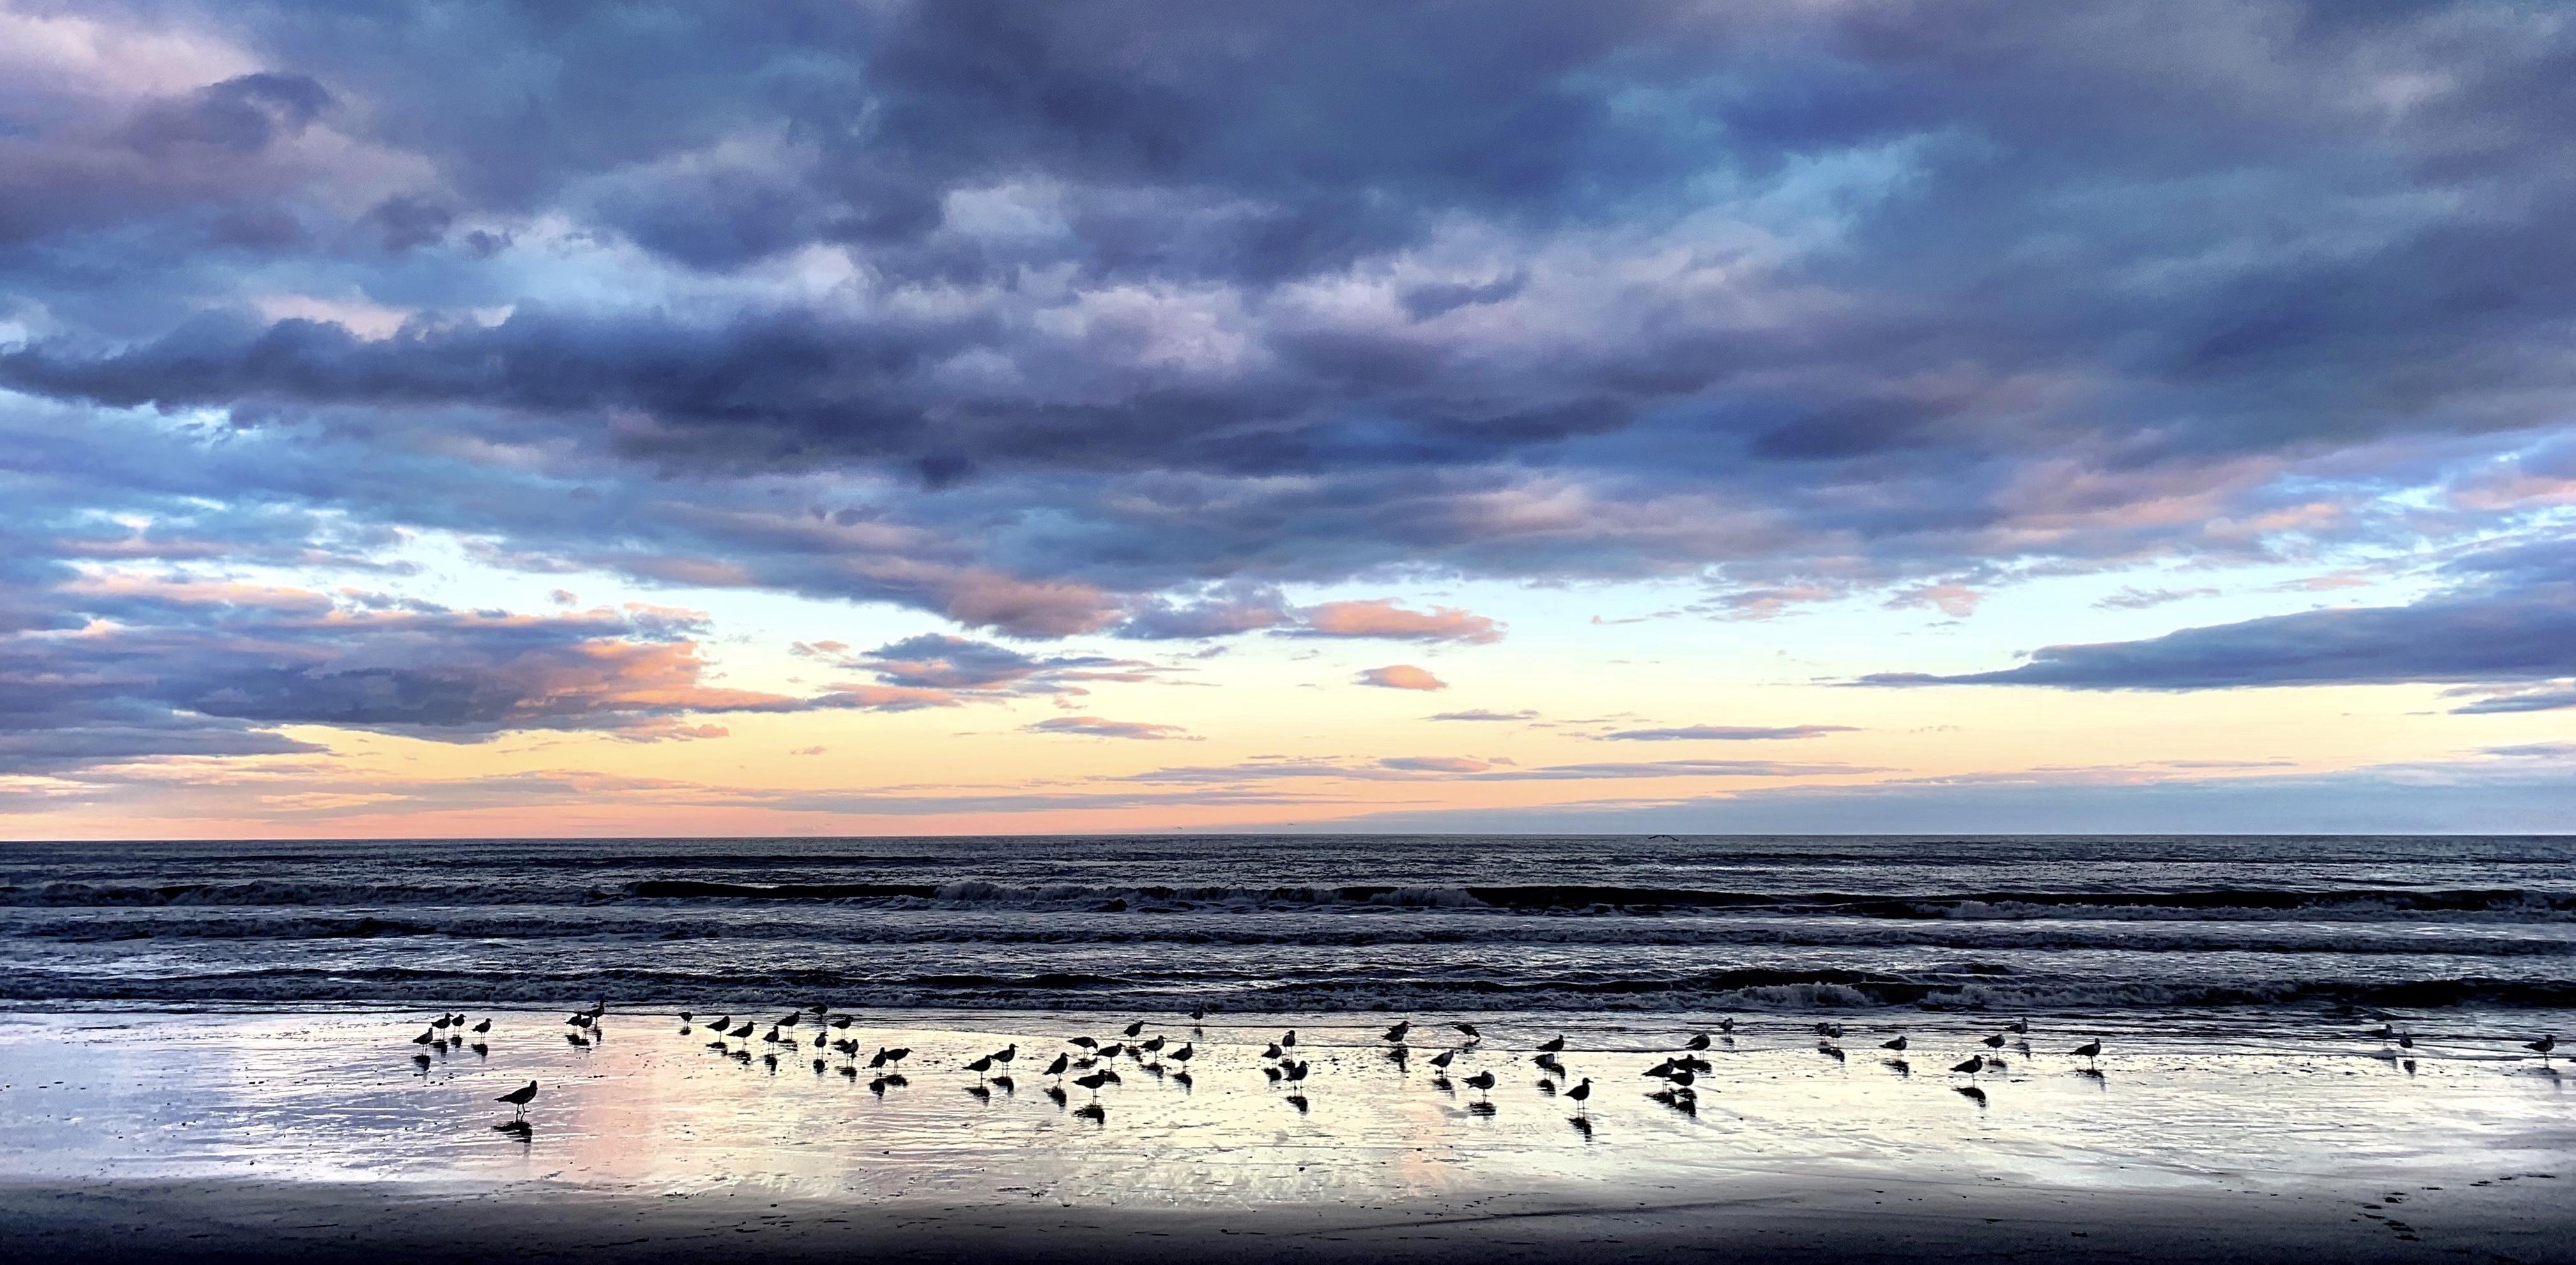 Evening Sky Over the Ocean